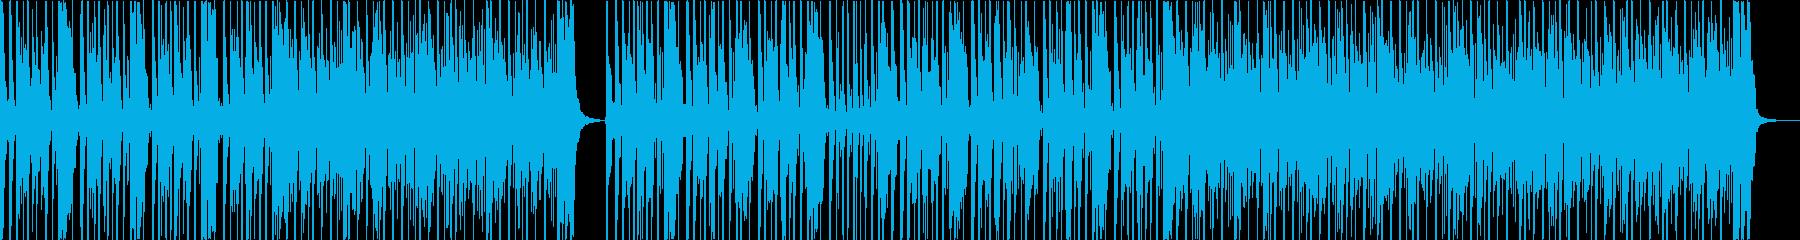 ピアノとギターがソウルフルなファンクの再生済みの波形